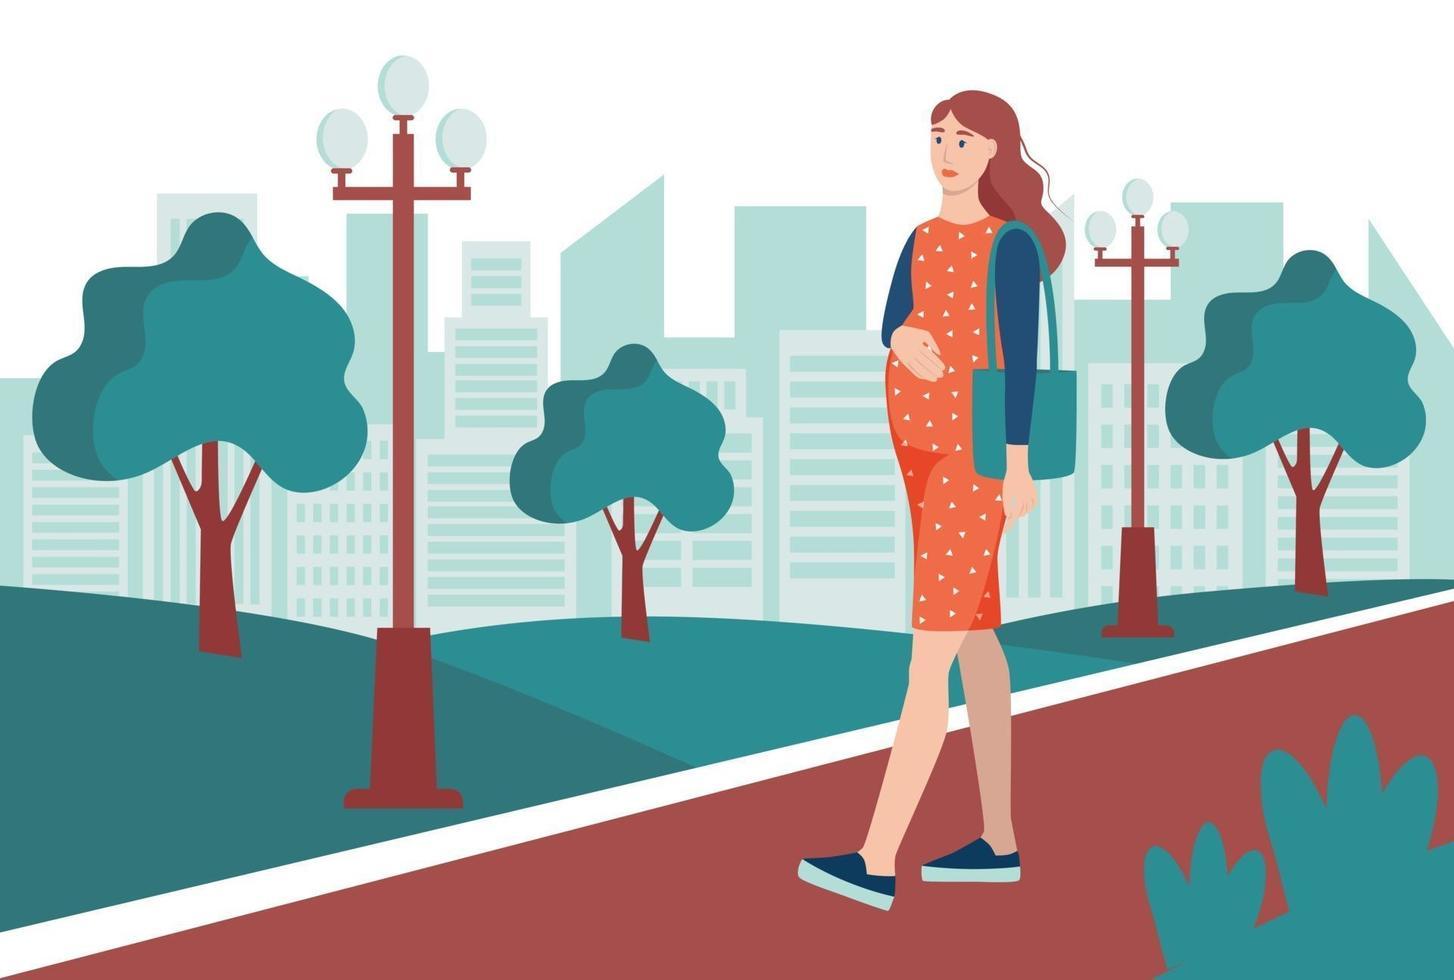 une jeune femme enceinte se promène dans le parc, marchant dans la rue. le concept des activités quotidiennes et de la vie quotidienne. illustration vectorielle de dessin animé plat. vecteur